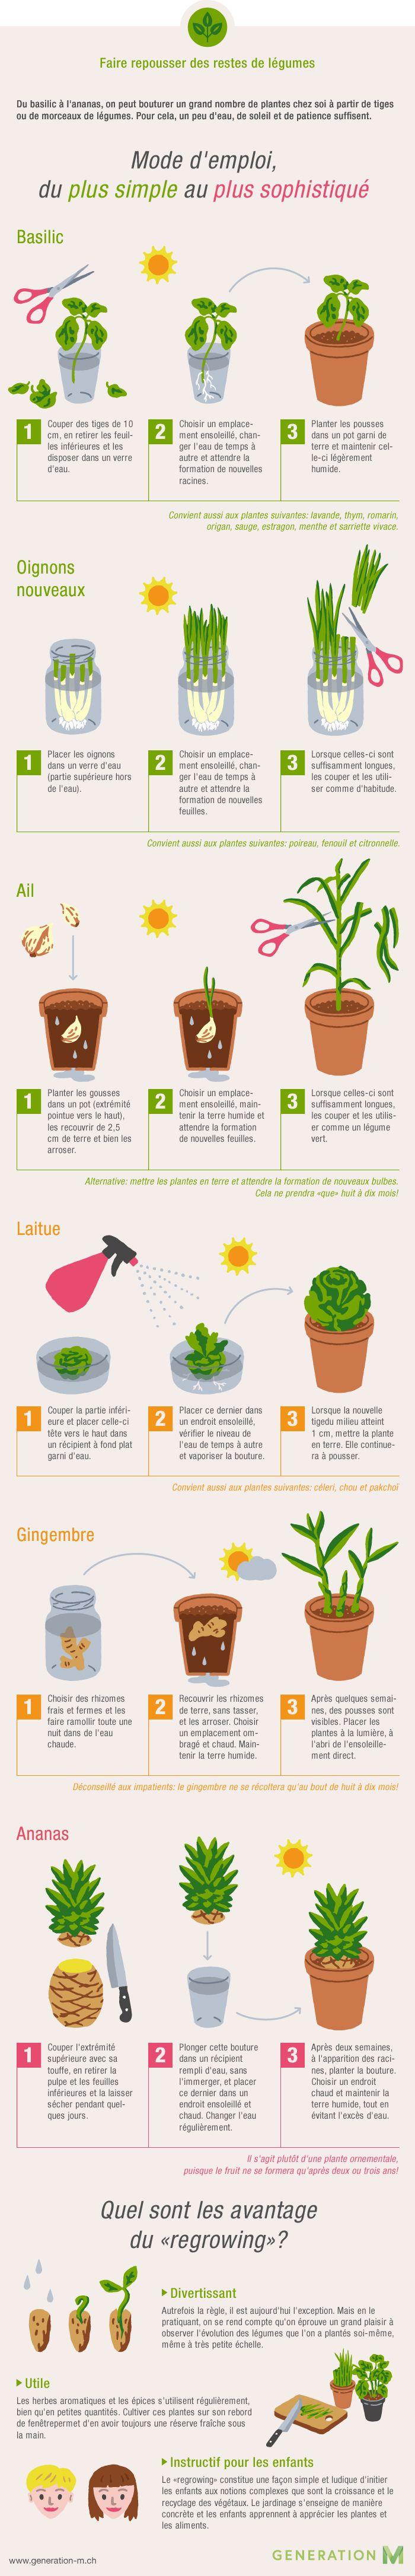 Legumes A Mettre Dans Le Jardin migros - infographie pour faire repousser les légumes